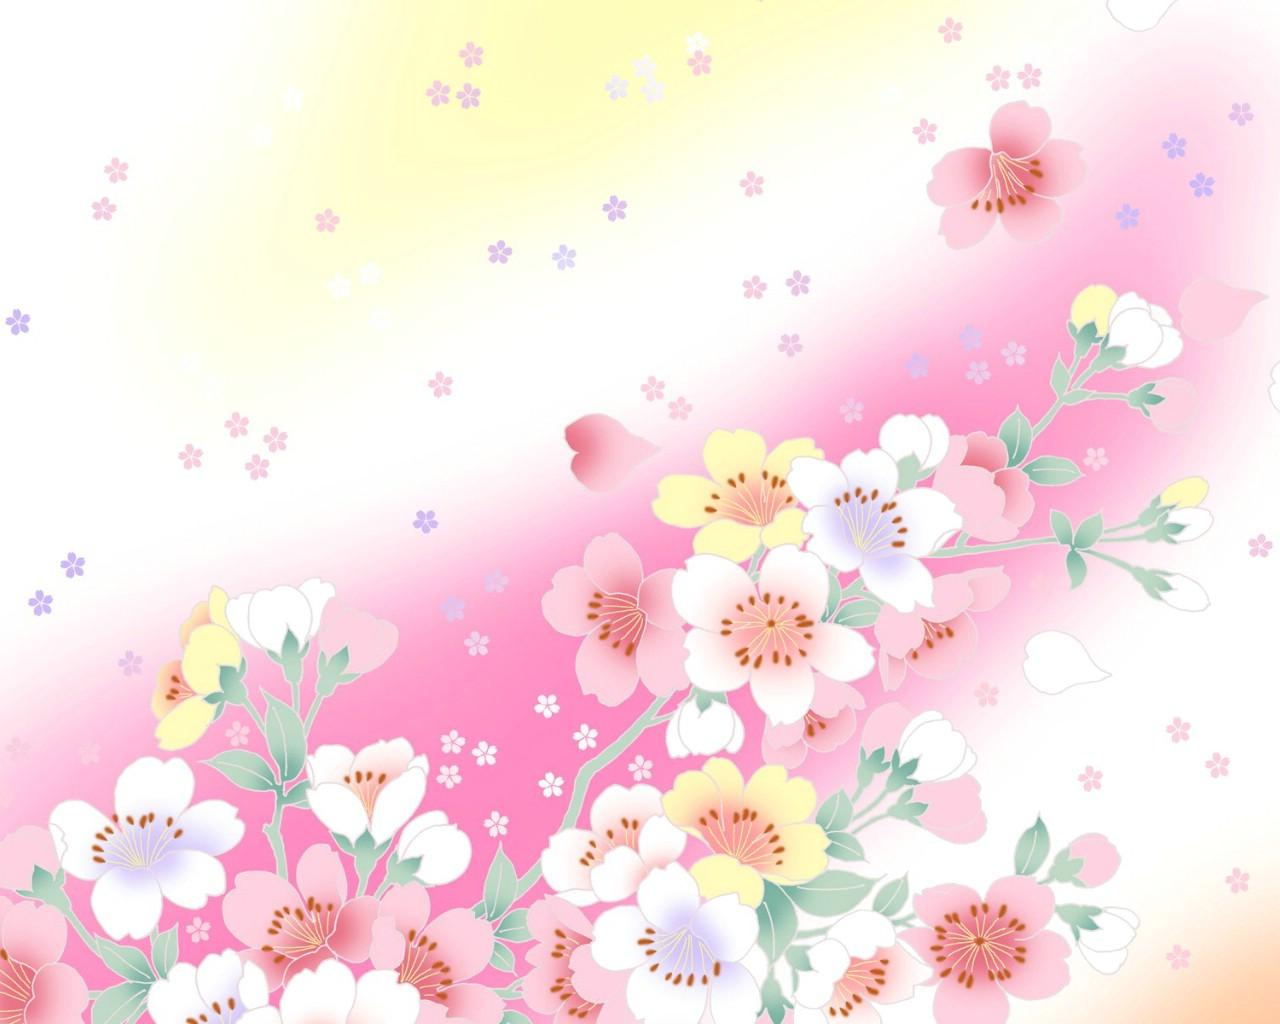 小碎花桌面壁纸 复古小清新碎花壁纸